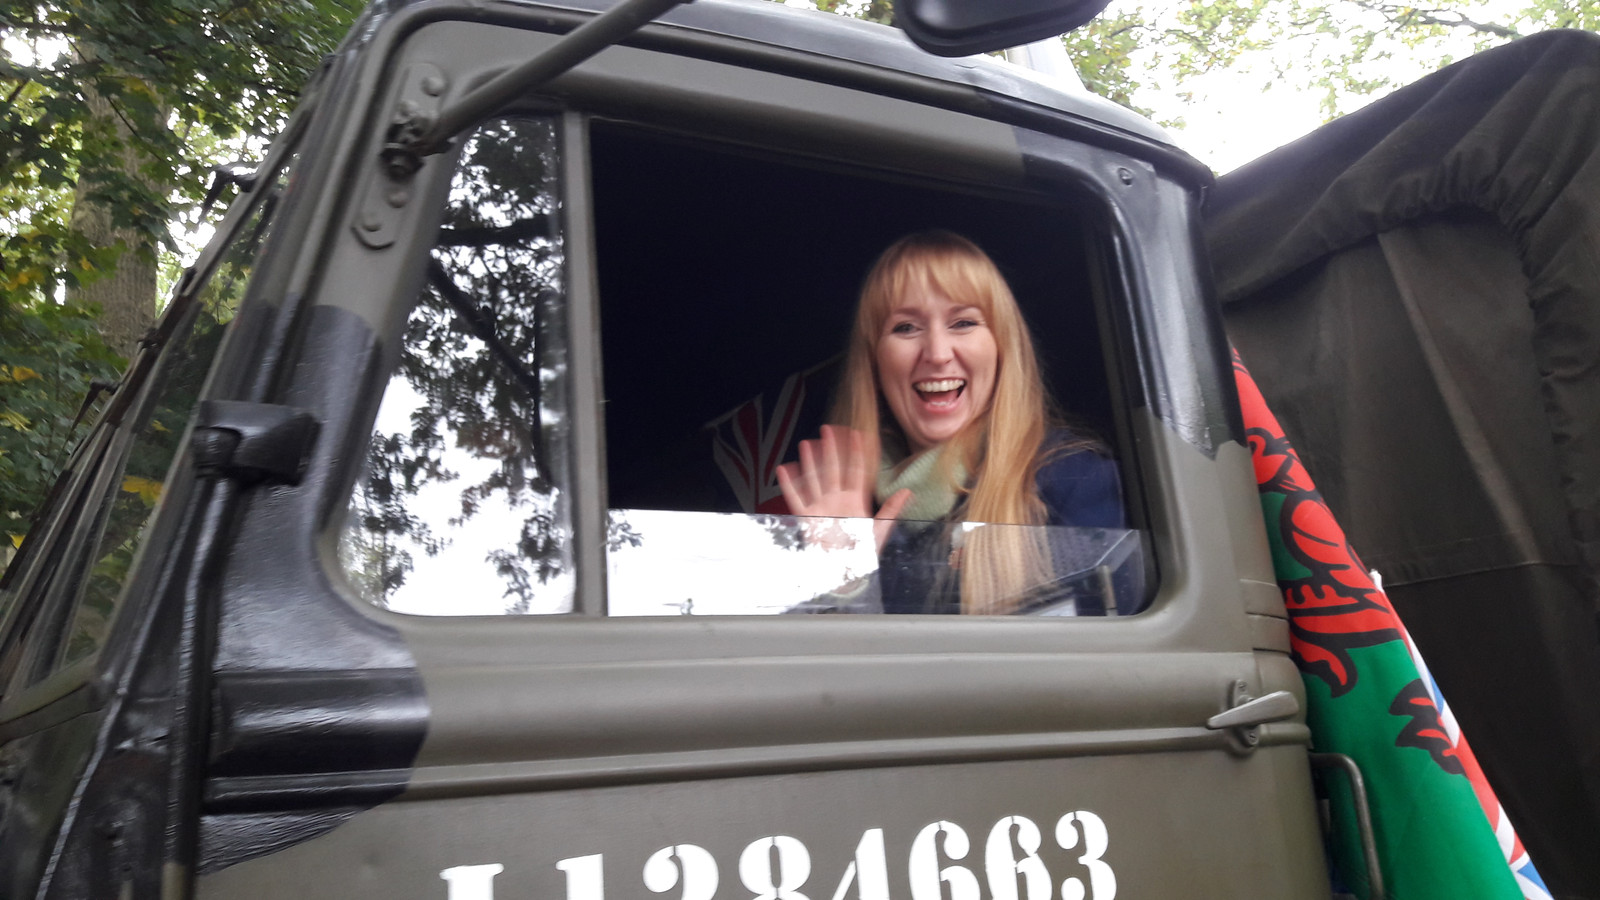 Zangeres Llio Evans uit Wales nam in een militaire truck deel aan de bevrijdingstocht tussen Vinkel en Den Bosch.